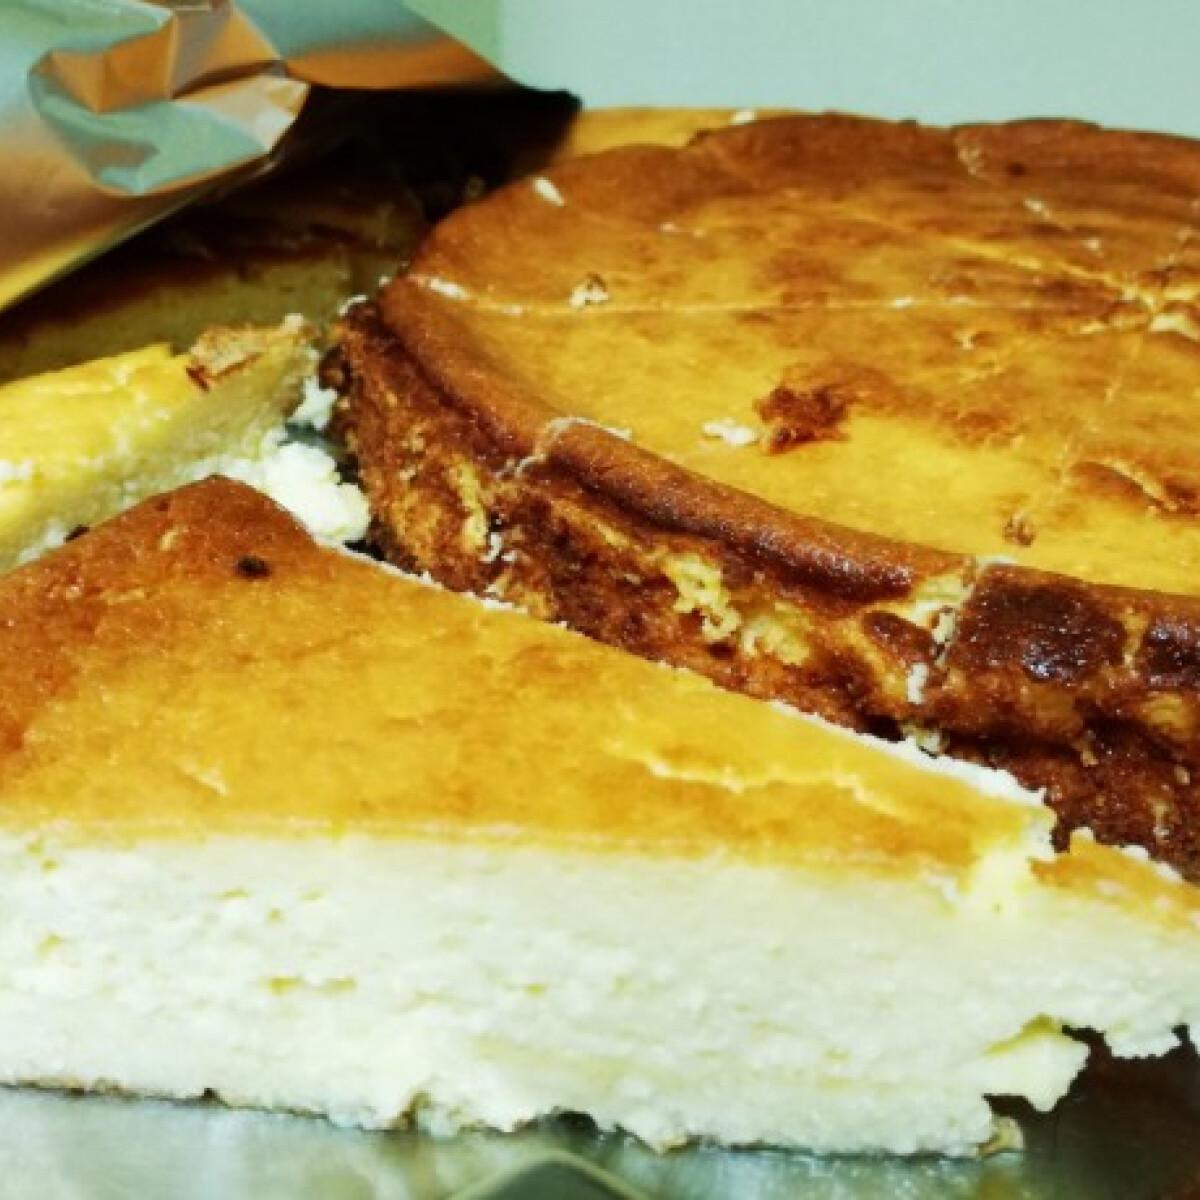 Ezen a képen: Käsekuchen - a német sajttorta